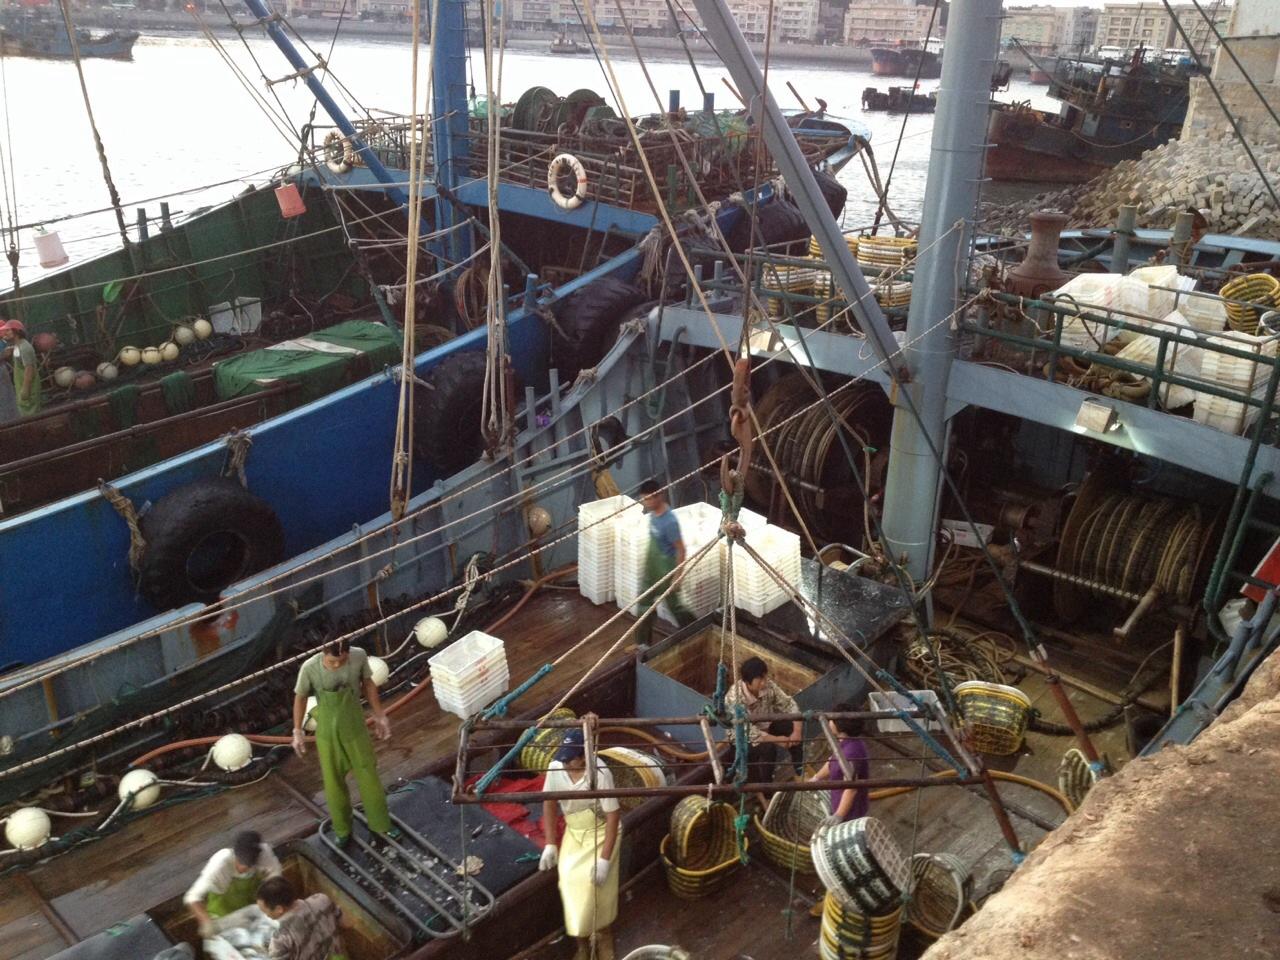 咸水拖鱼机 发电机拖网捕鱼机 盐水电鱼机  拖网机图片十